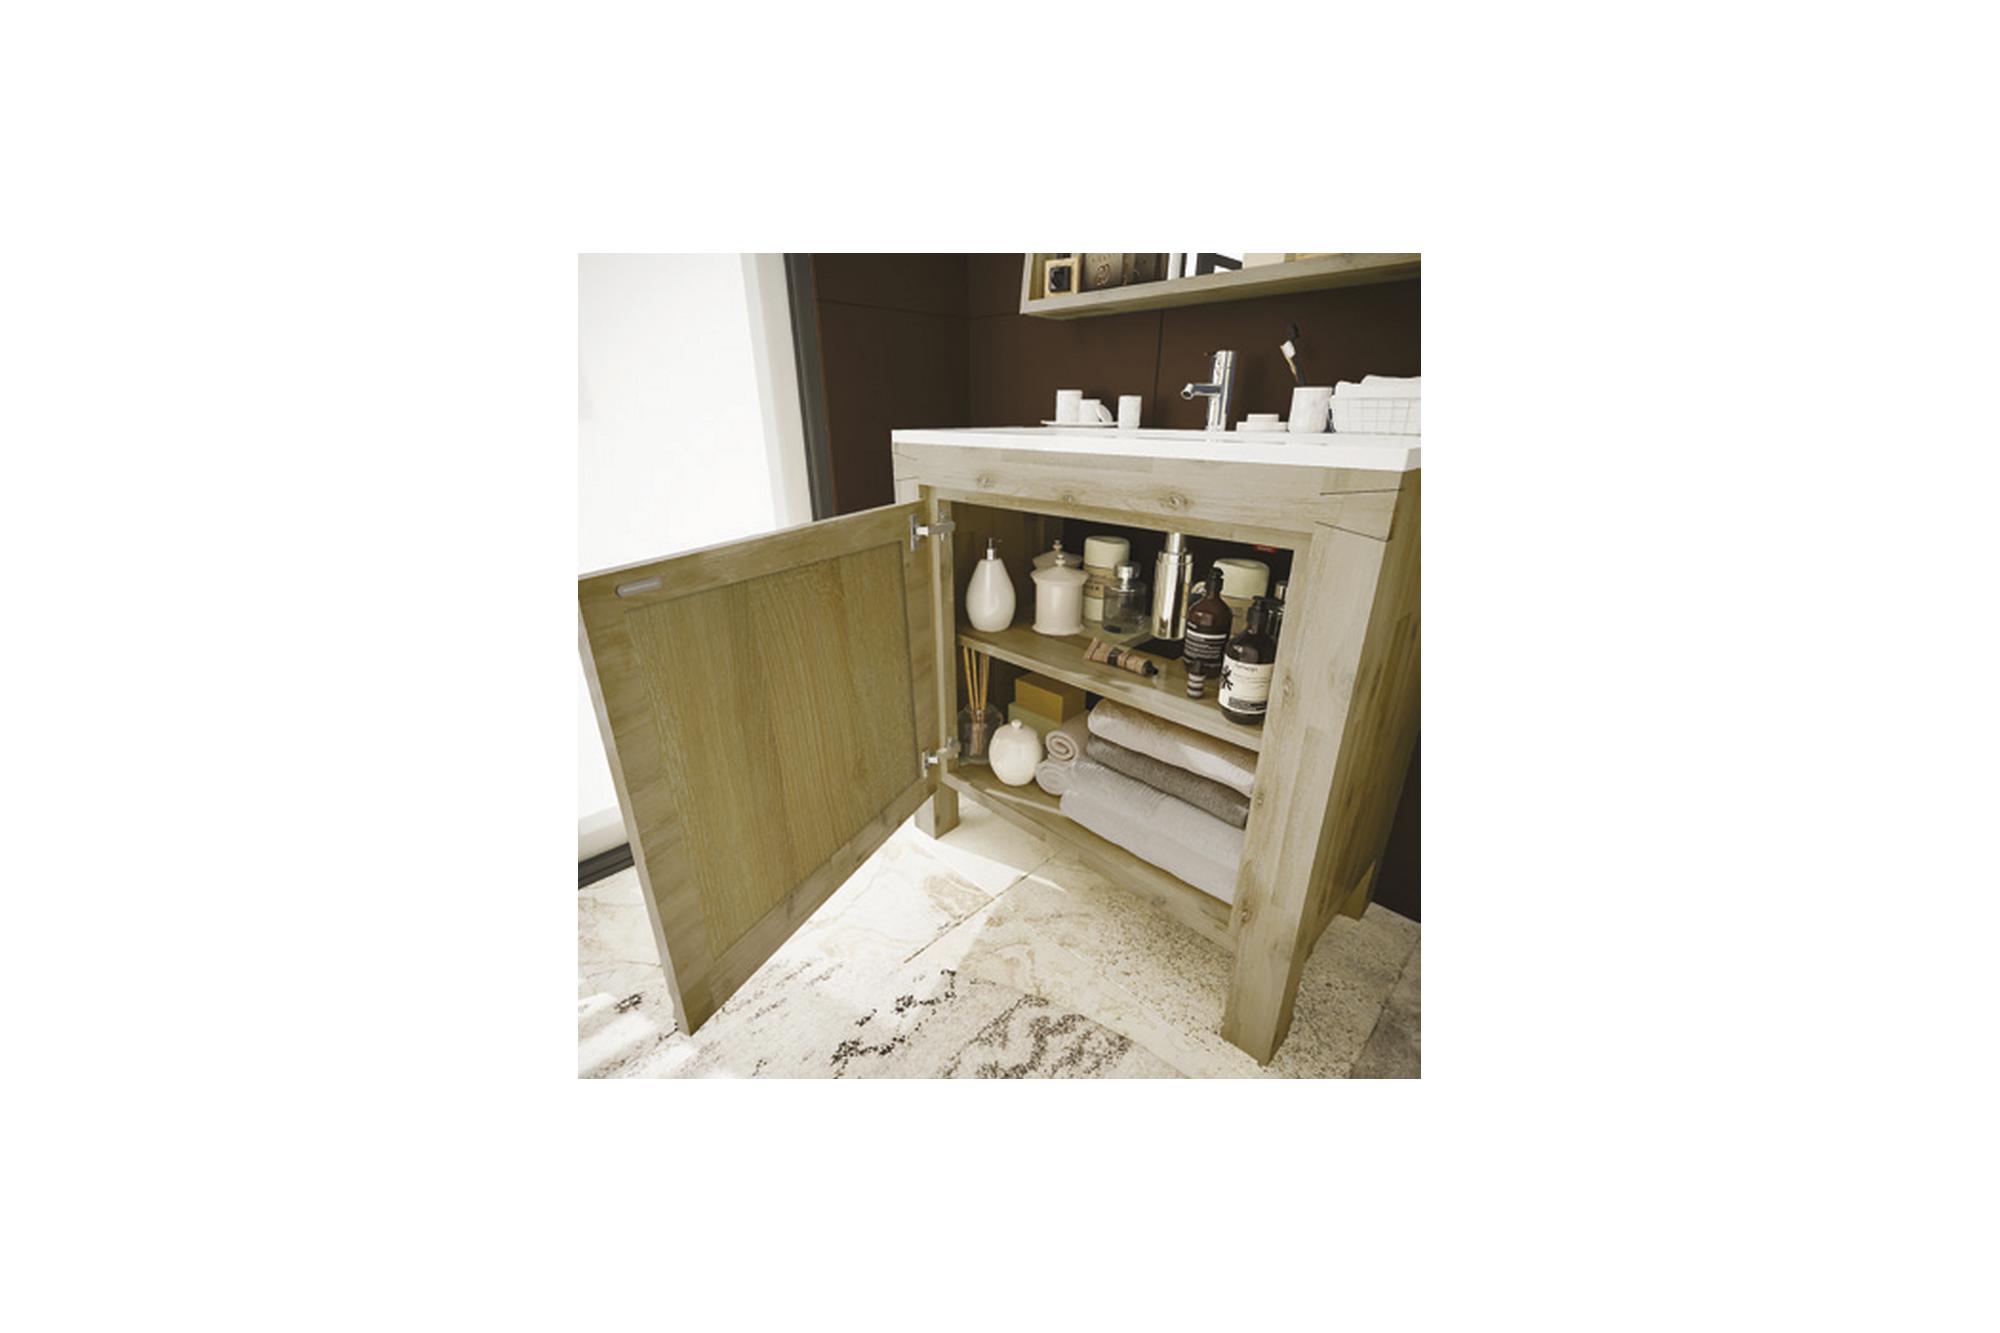 Tablette Salle De Bain 80 Cm meuble de salle de bain en bois massif de 80 cm avec vasque - hellin